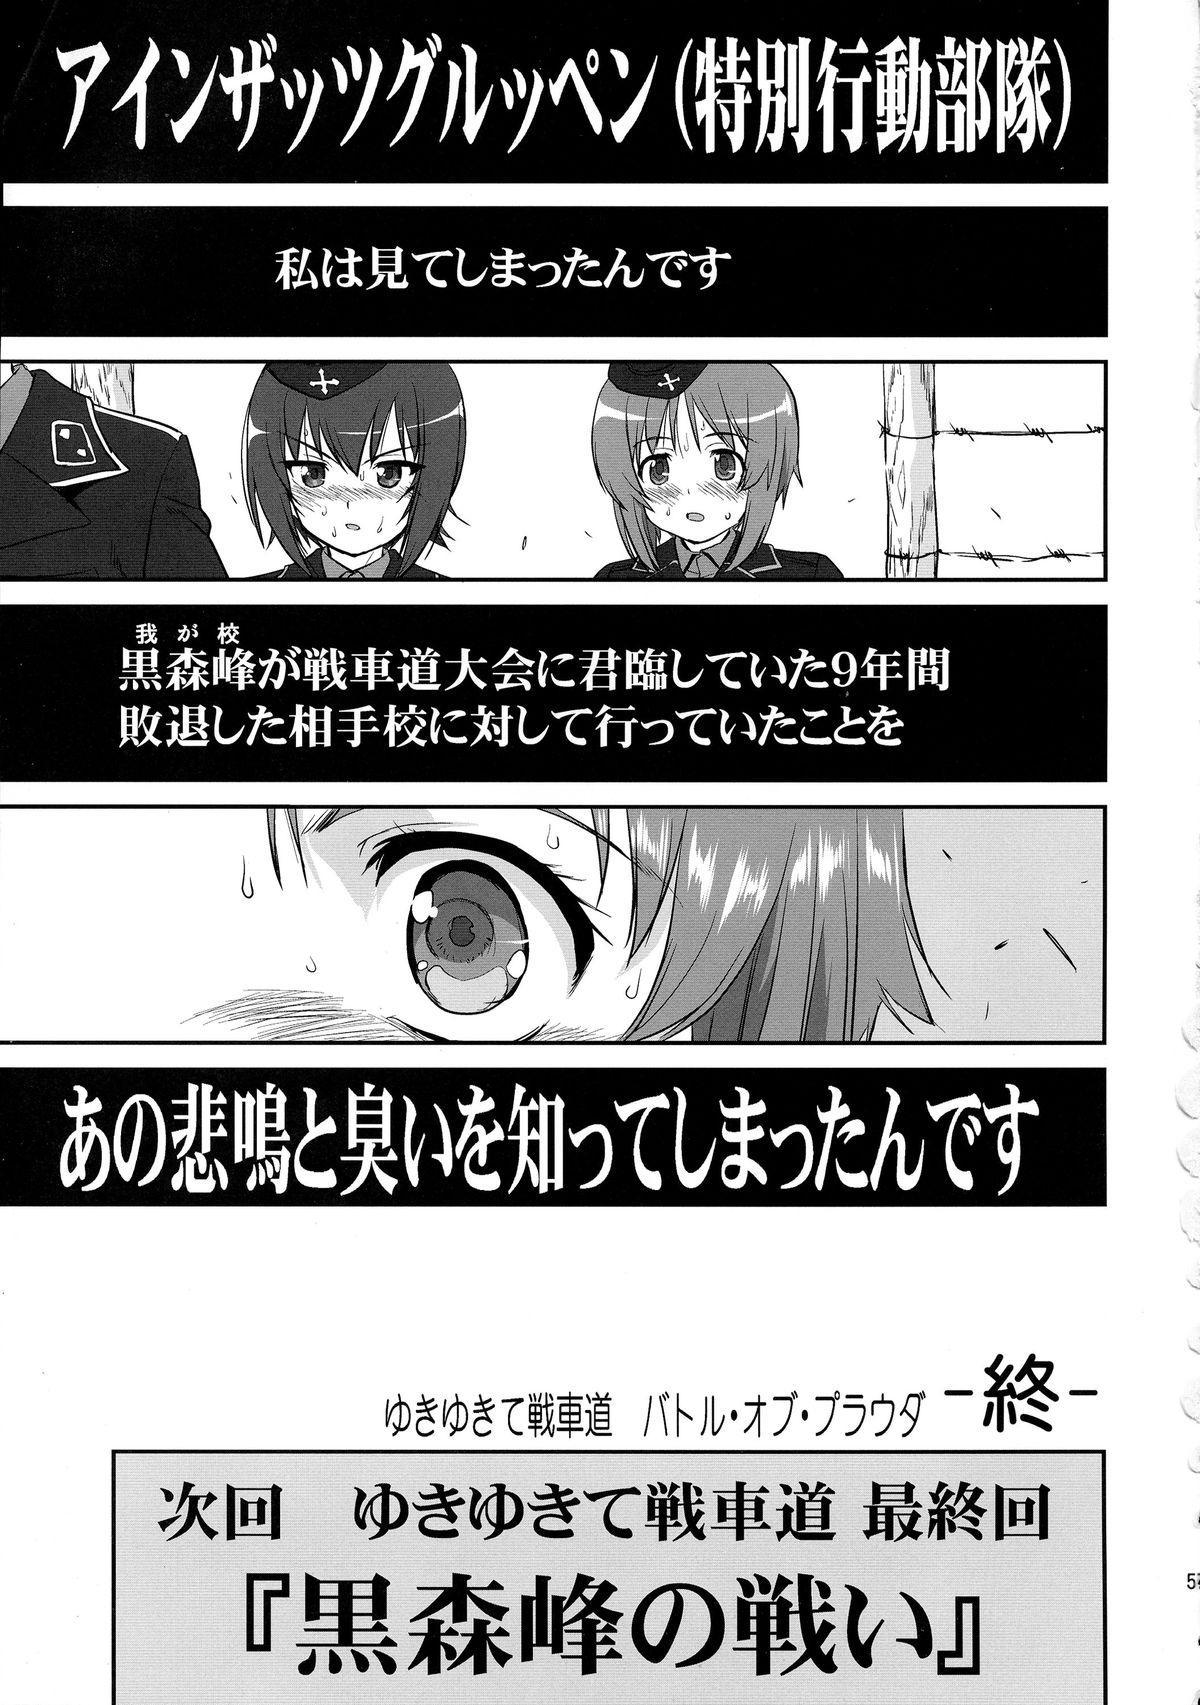 Yukiyukite Senshadou Battle of Pravda 56